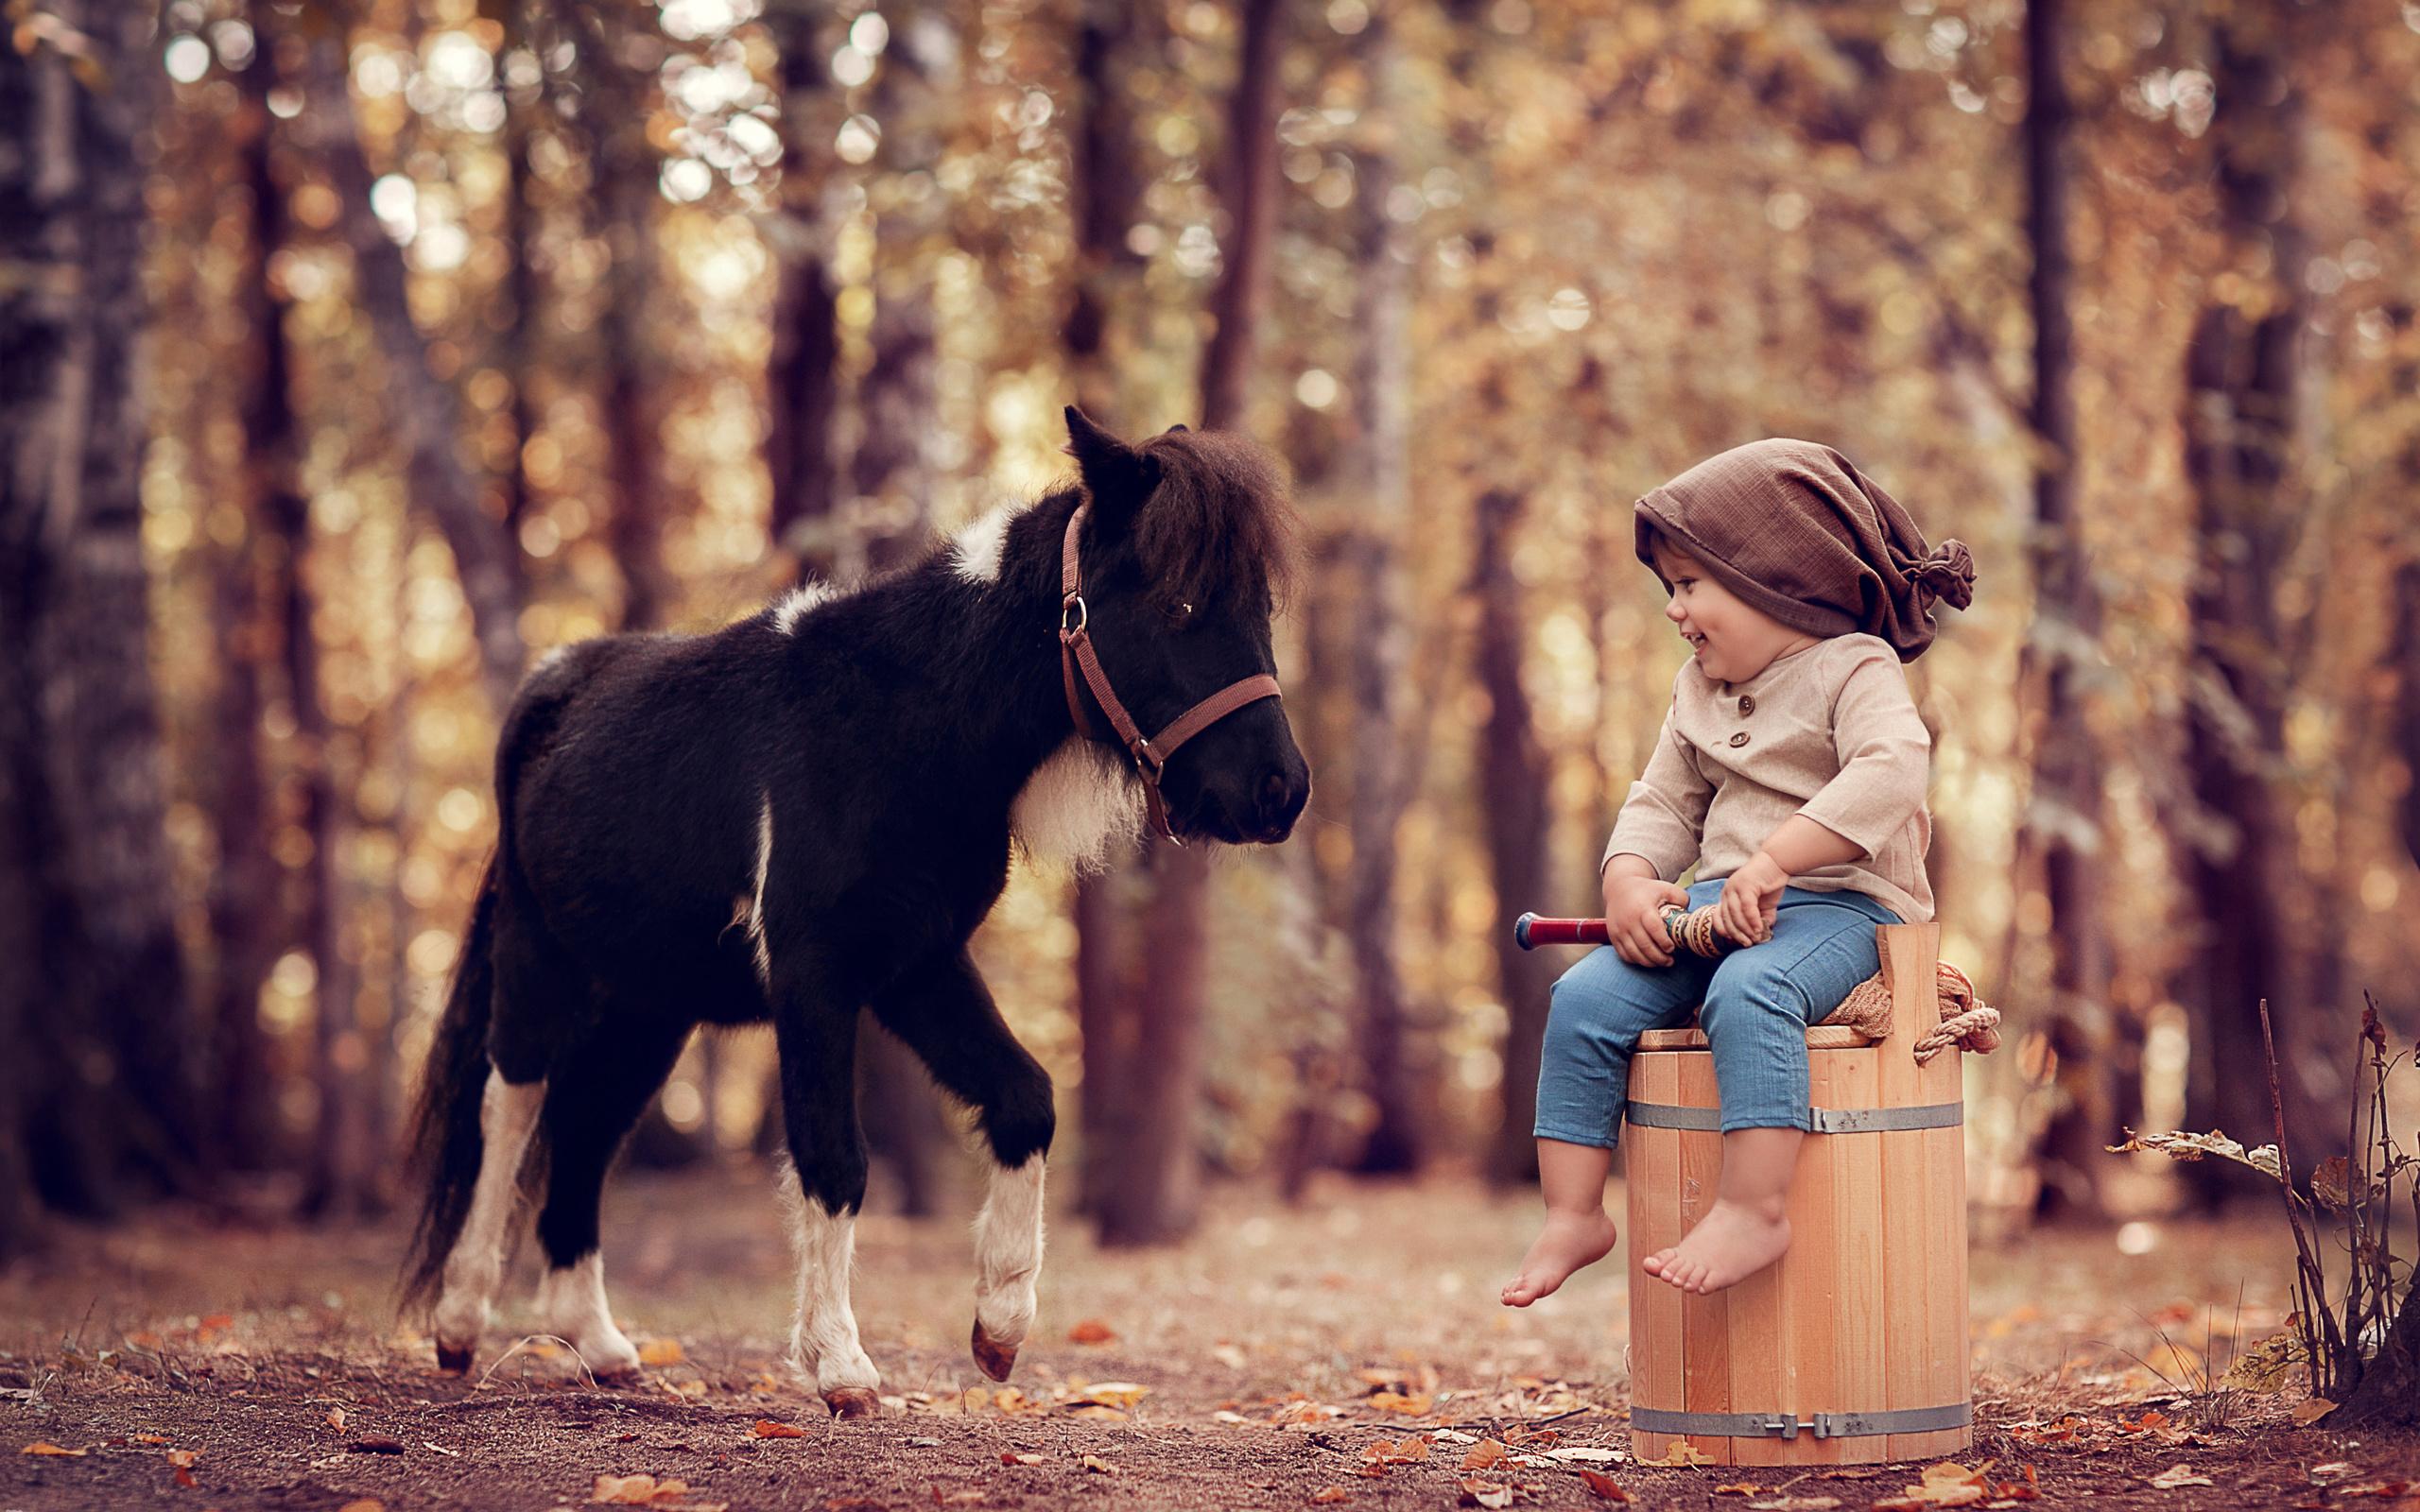 осень, лес, деревья, природа, улыбка, животное, мальчик, малыш, ведро, пони, ребёнок, дудка, боке, анна ипатьева